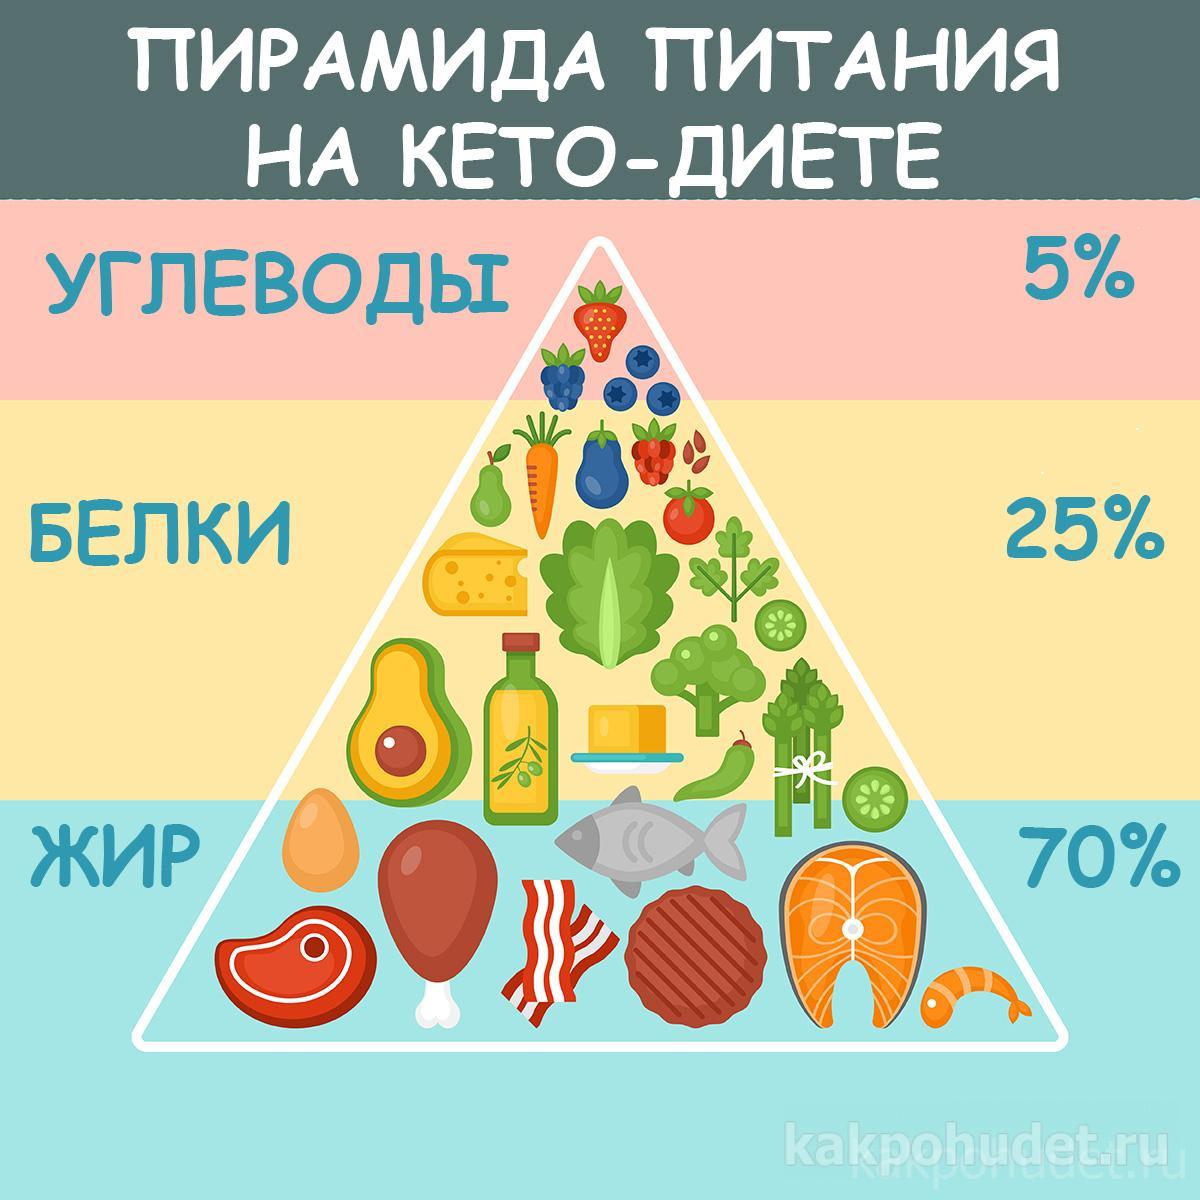 Палео диета: меню на неделю, результаты, отзывы, польза и противопоказания